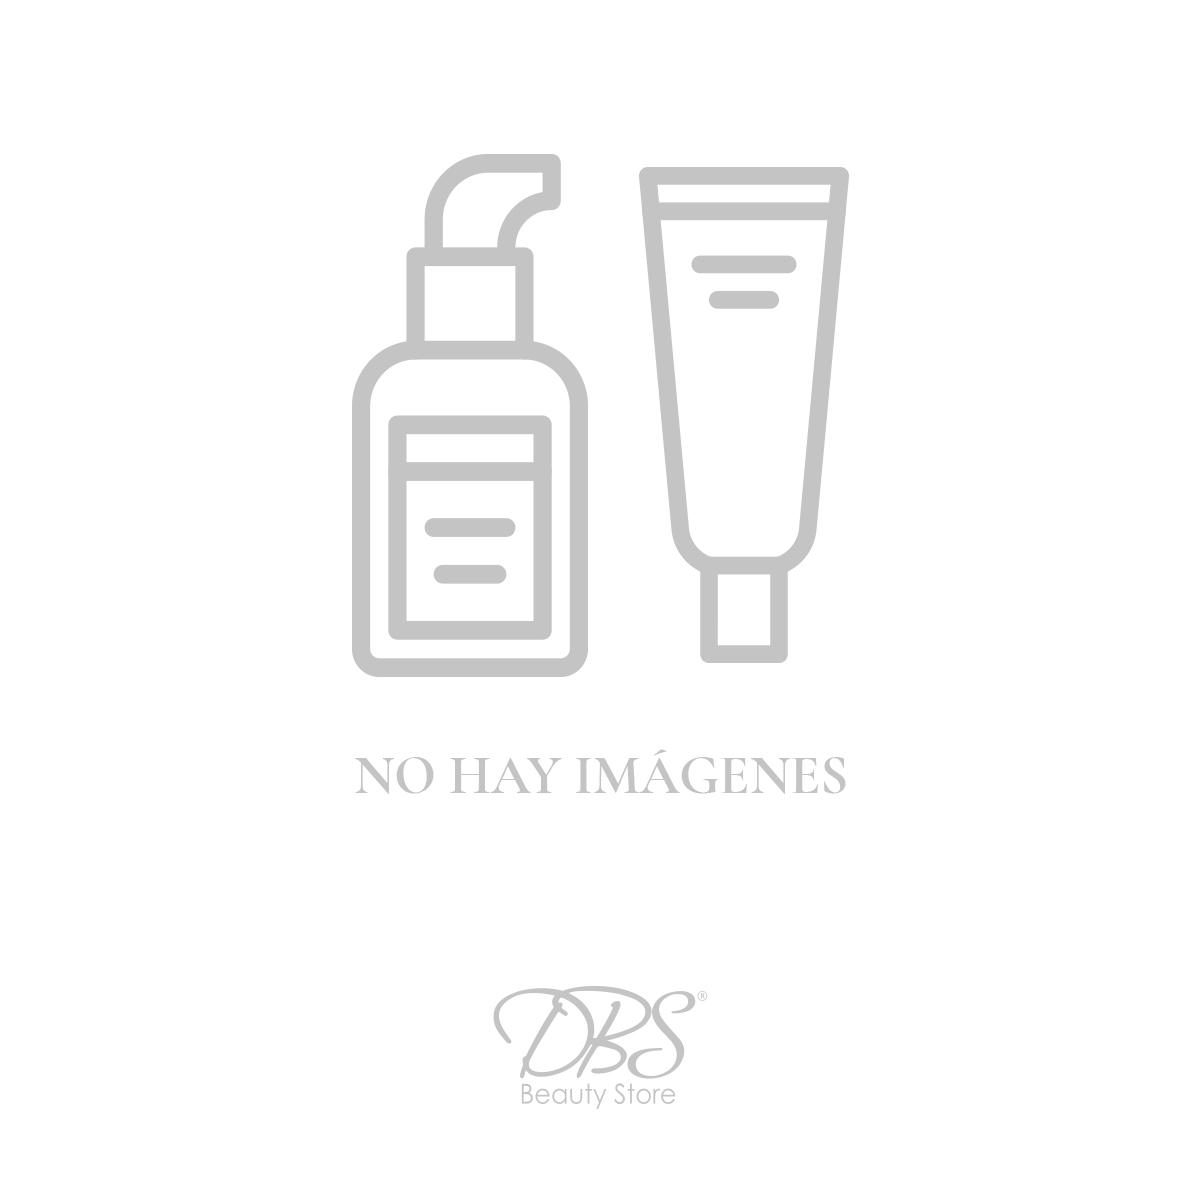 dbs-cosmetics-DBS-LI1063-MP.jpg